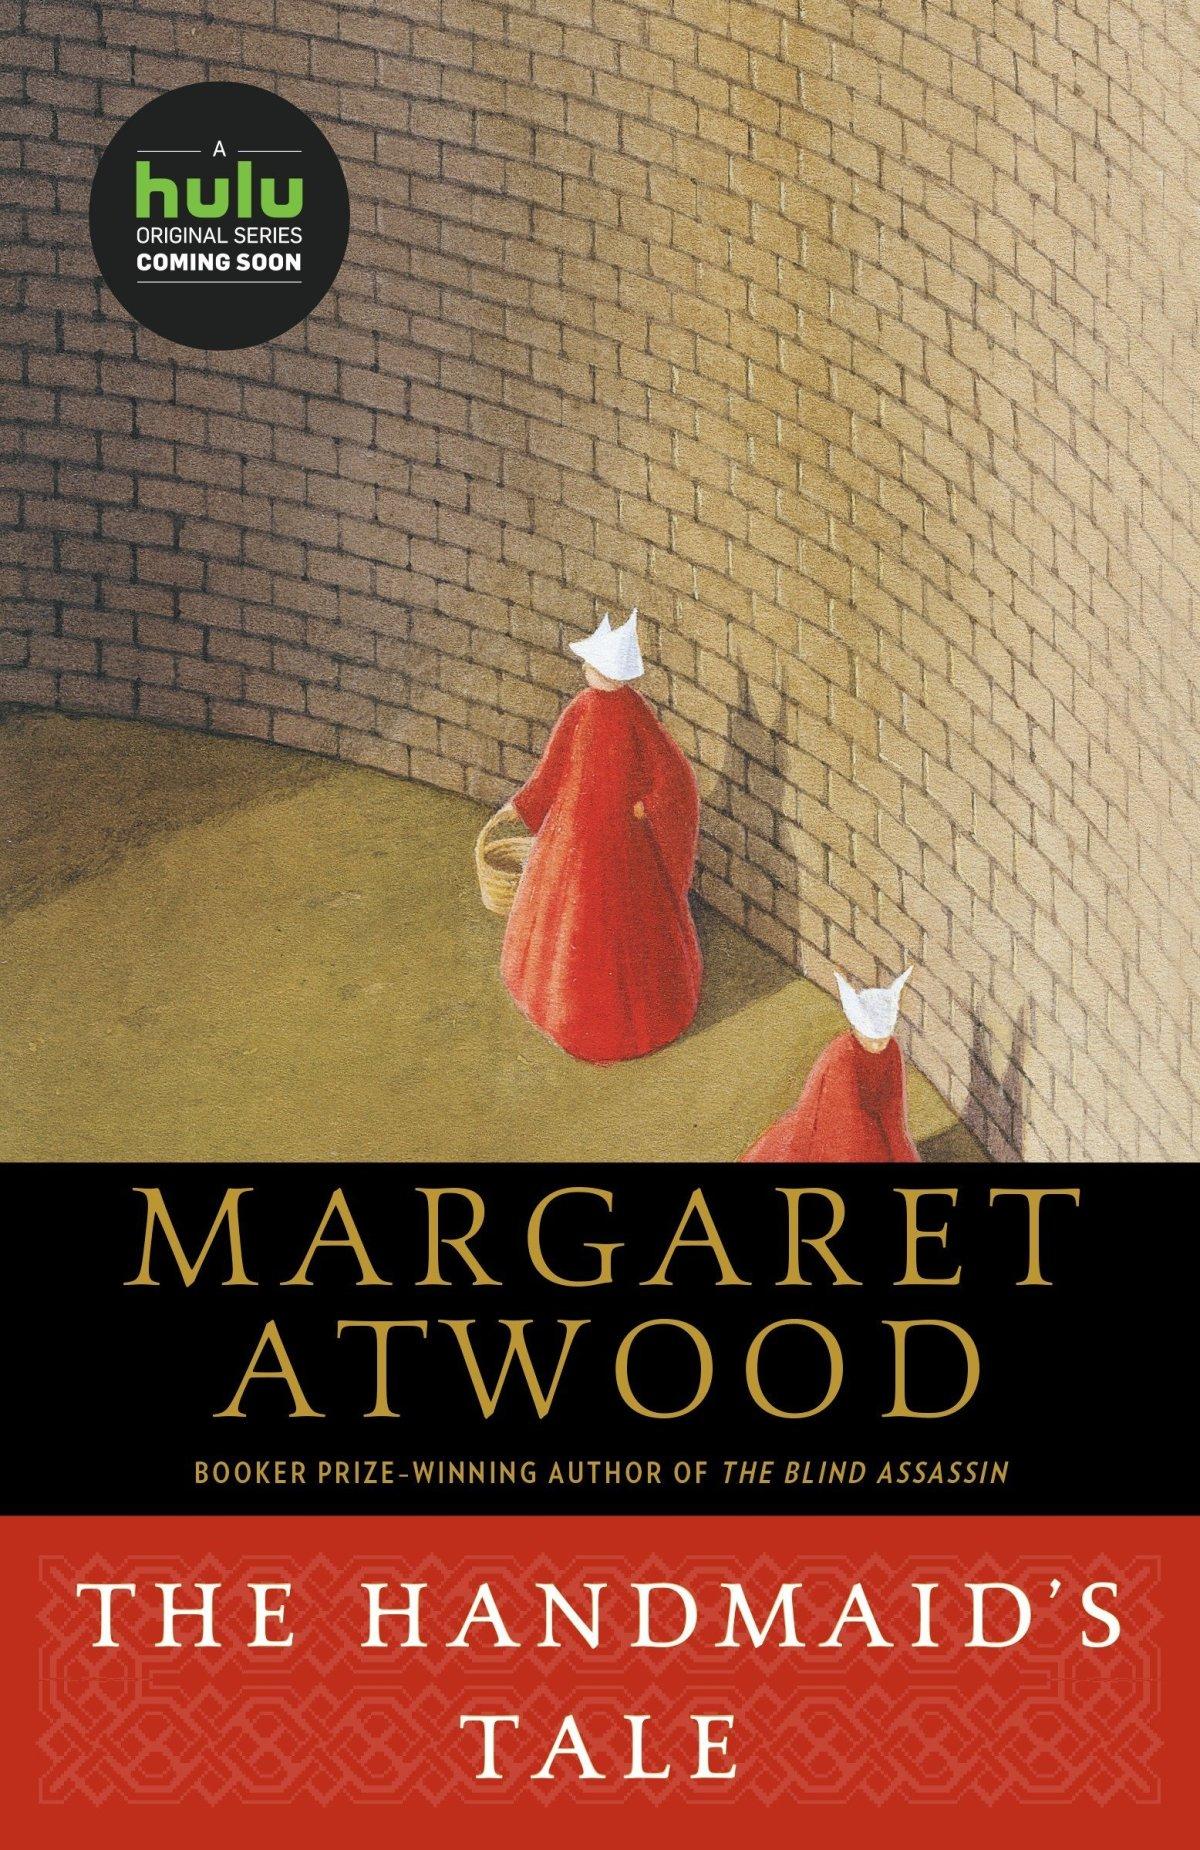 Miksi The Handmaid's Tale ansaitsisi uuden suomennoksen — 1.Johdanto